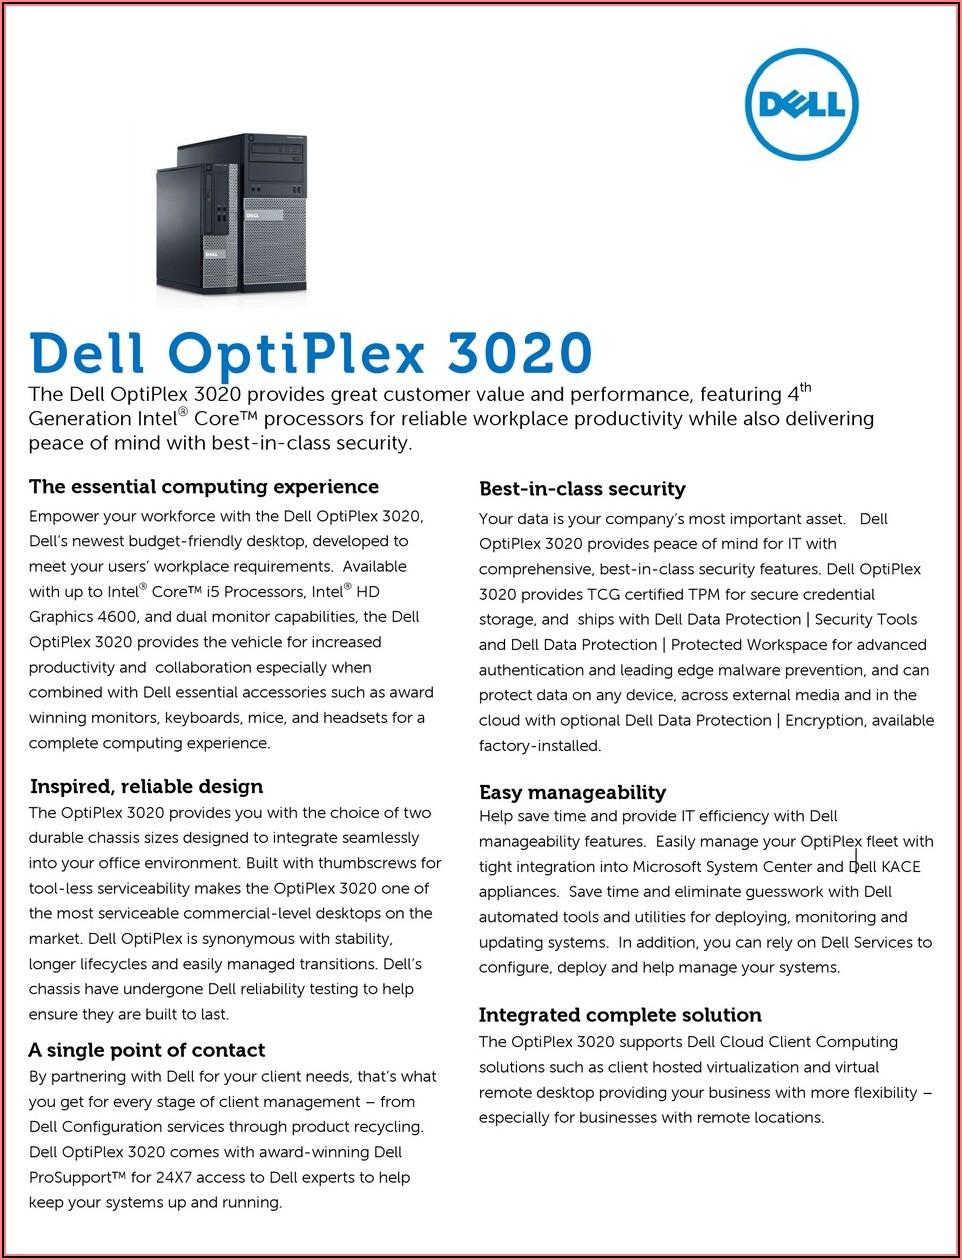 Dell Optiplex 3020 Small Form Factor Specs